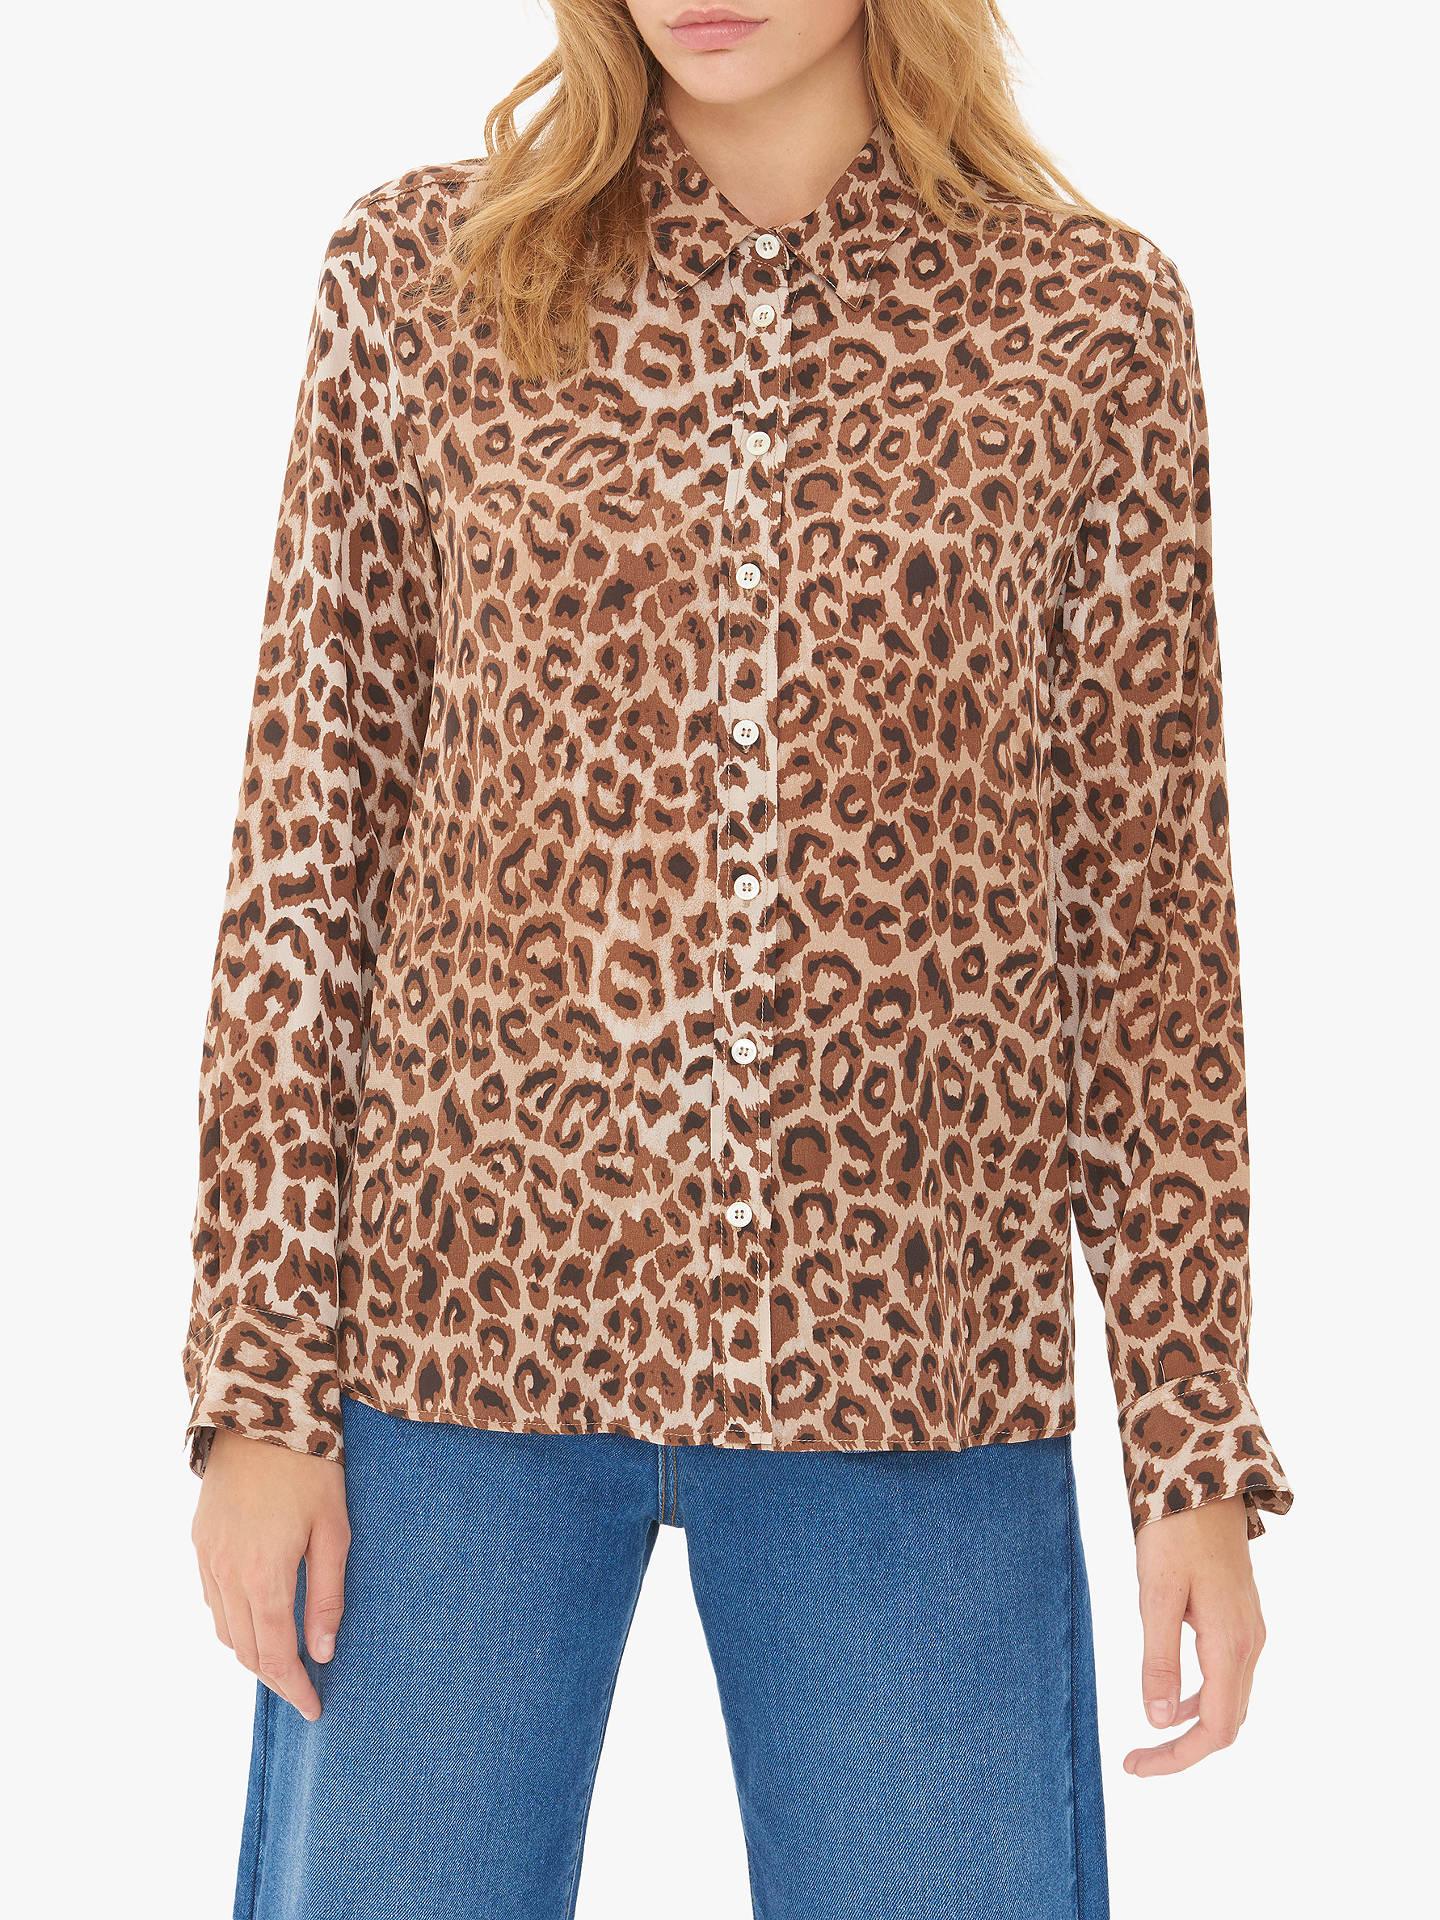 c88574669e1e Buy Gerard Darel Maya Leopard Print Blouse, Brown, 8 Online at  johnlewis.com ...